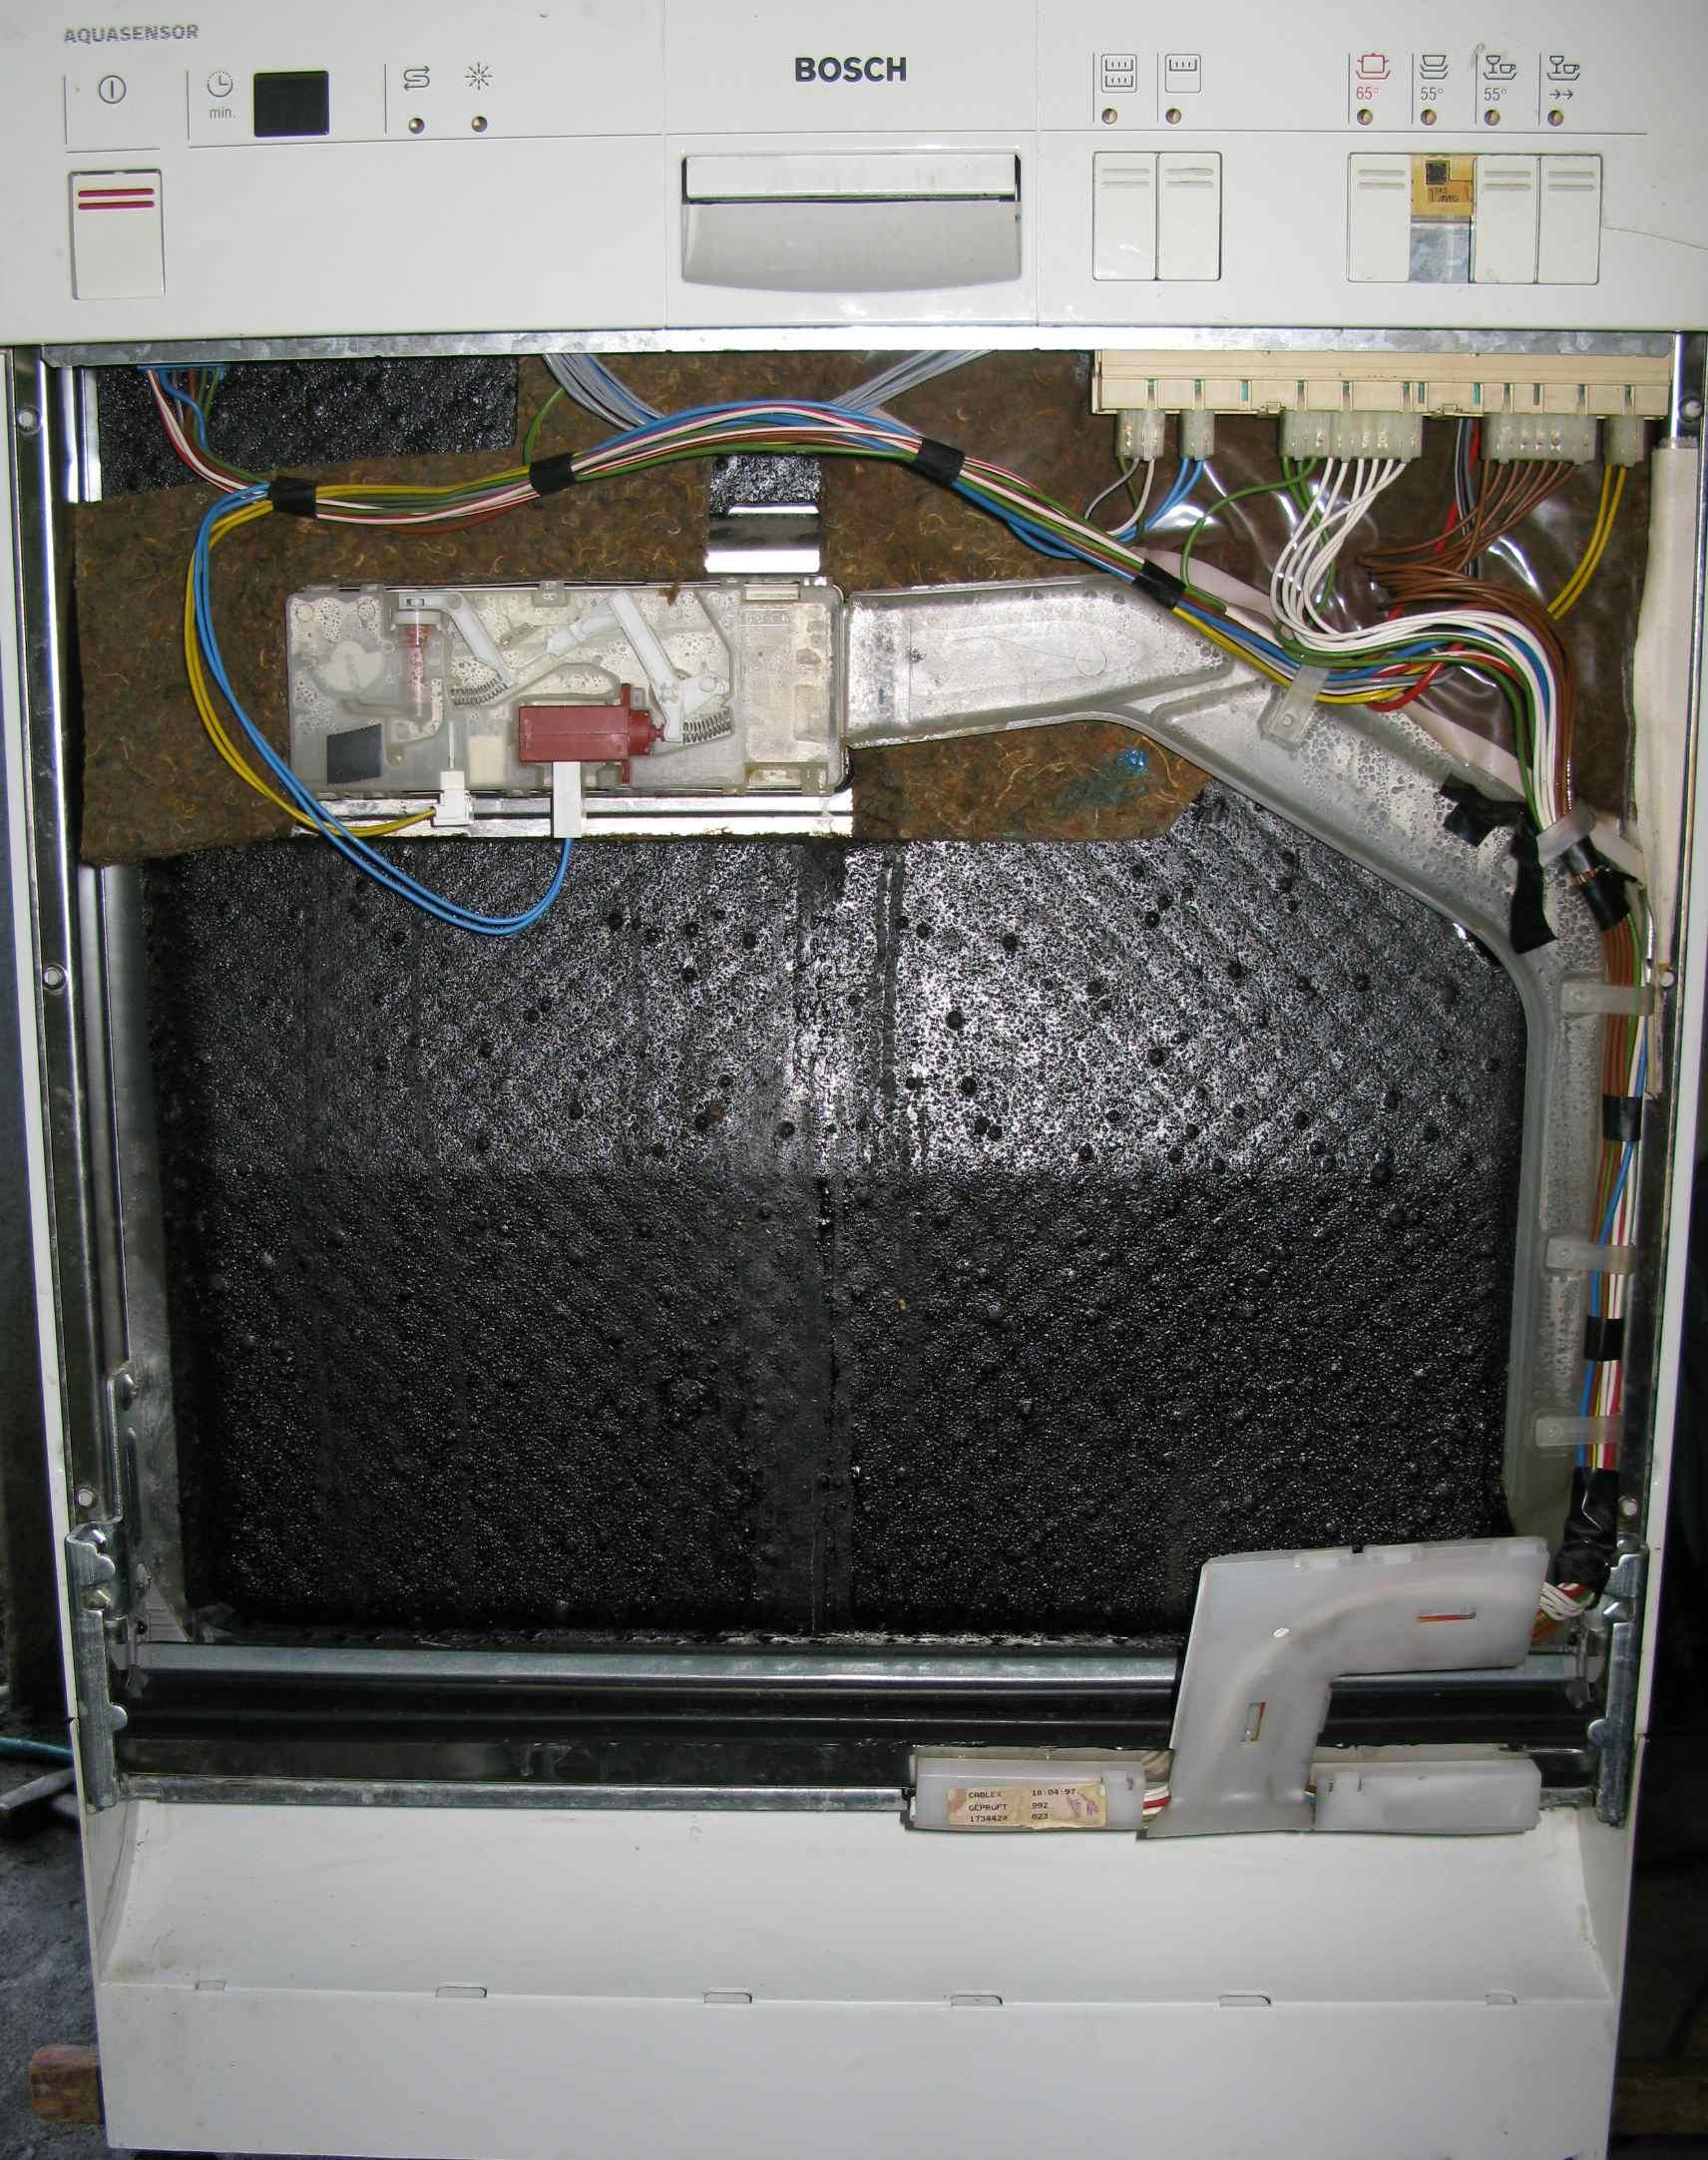 sgs4902/06 - Wylewa wod� przez drzwi, czyszczona, nowe gumy, odpowietrzenie